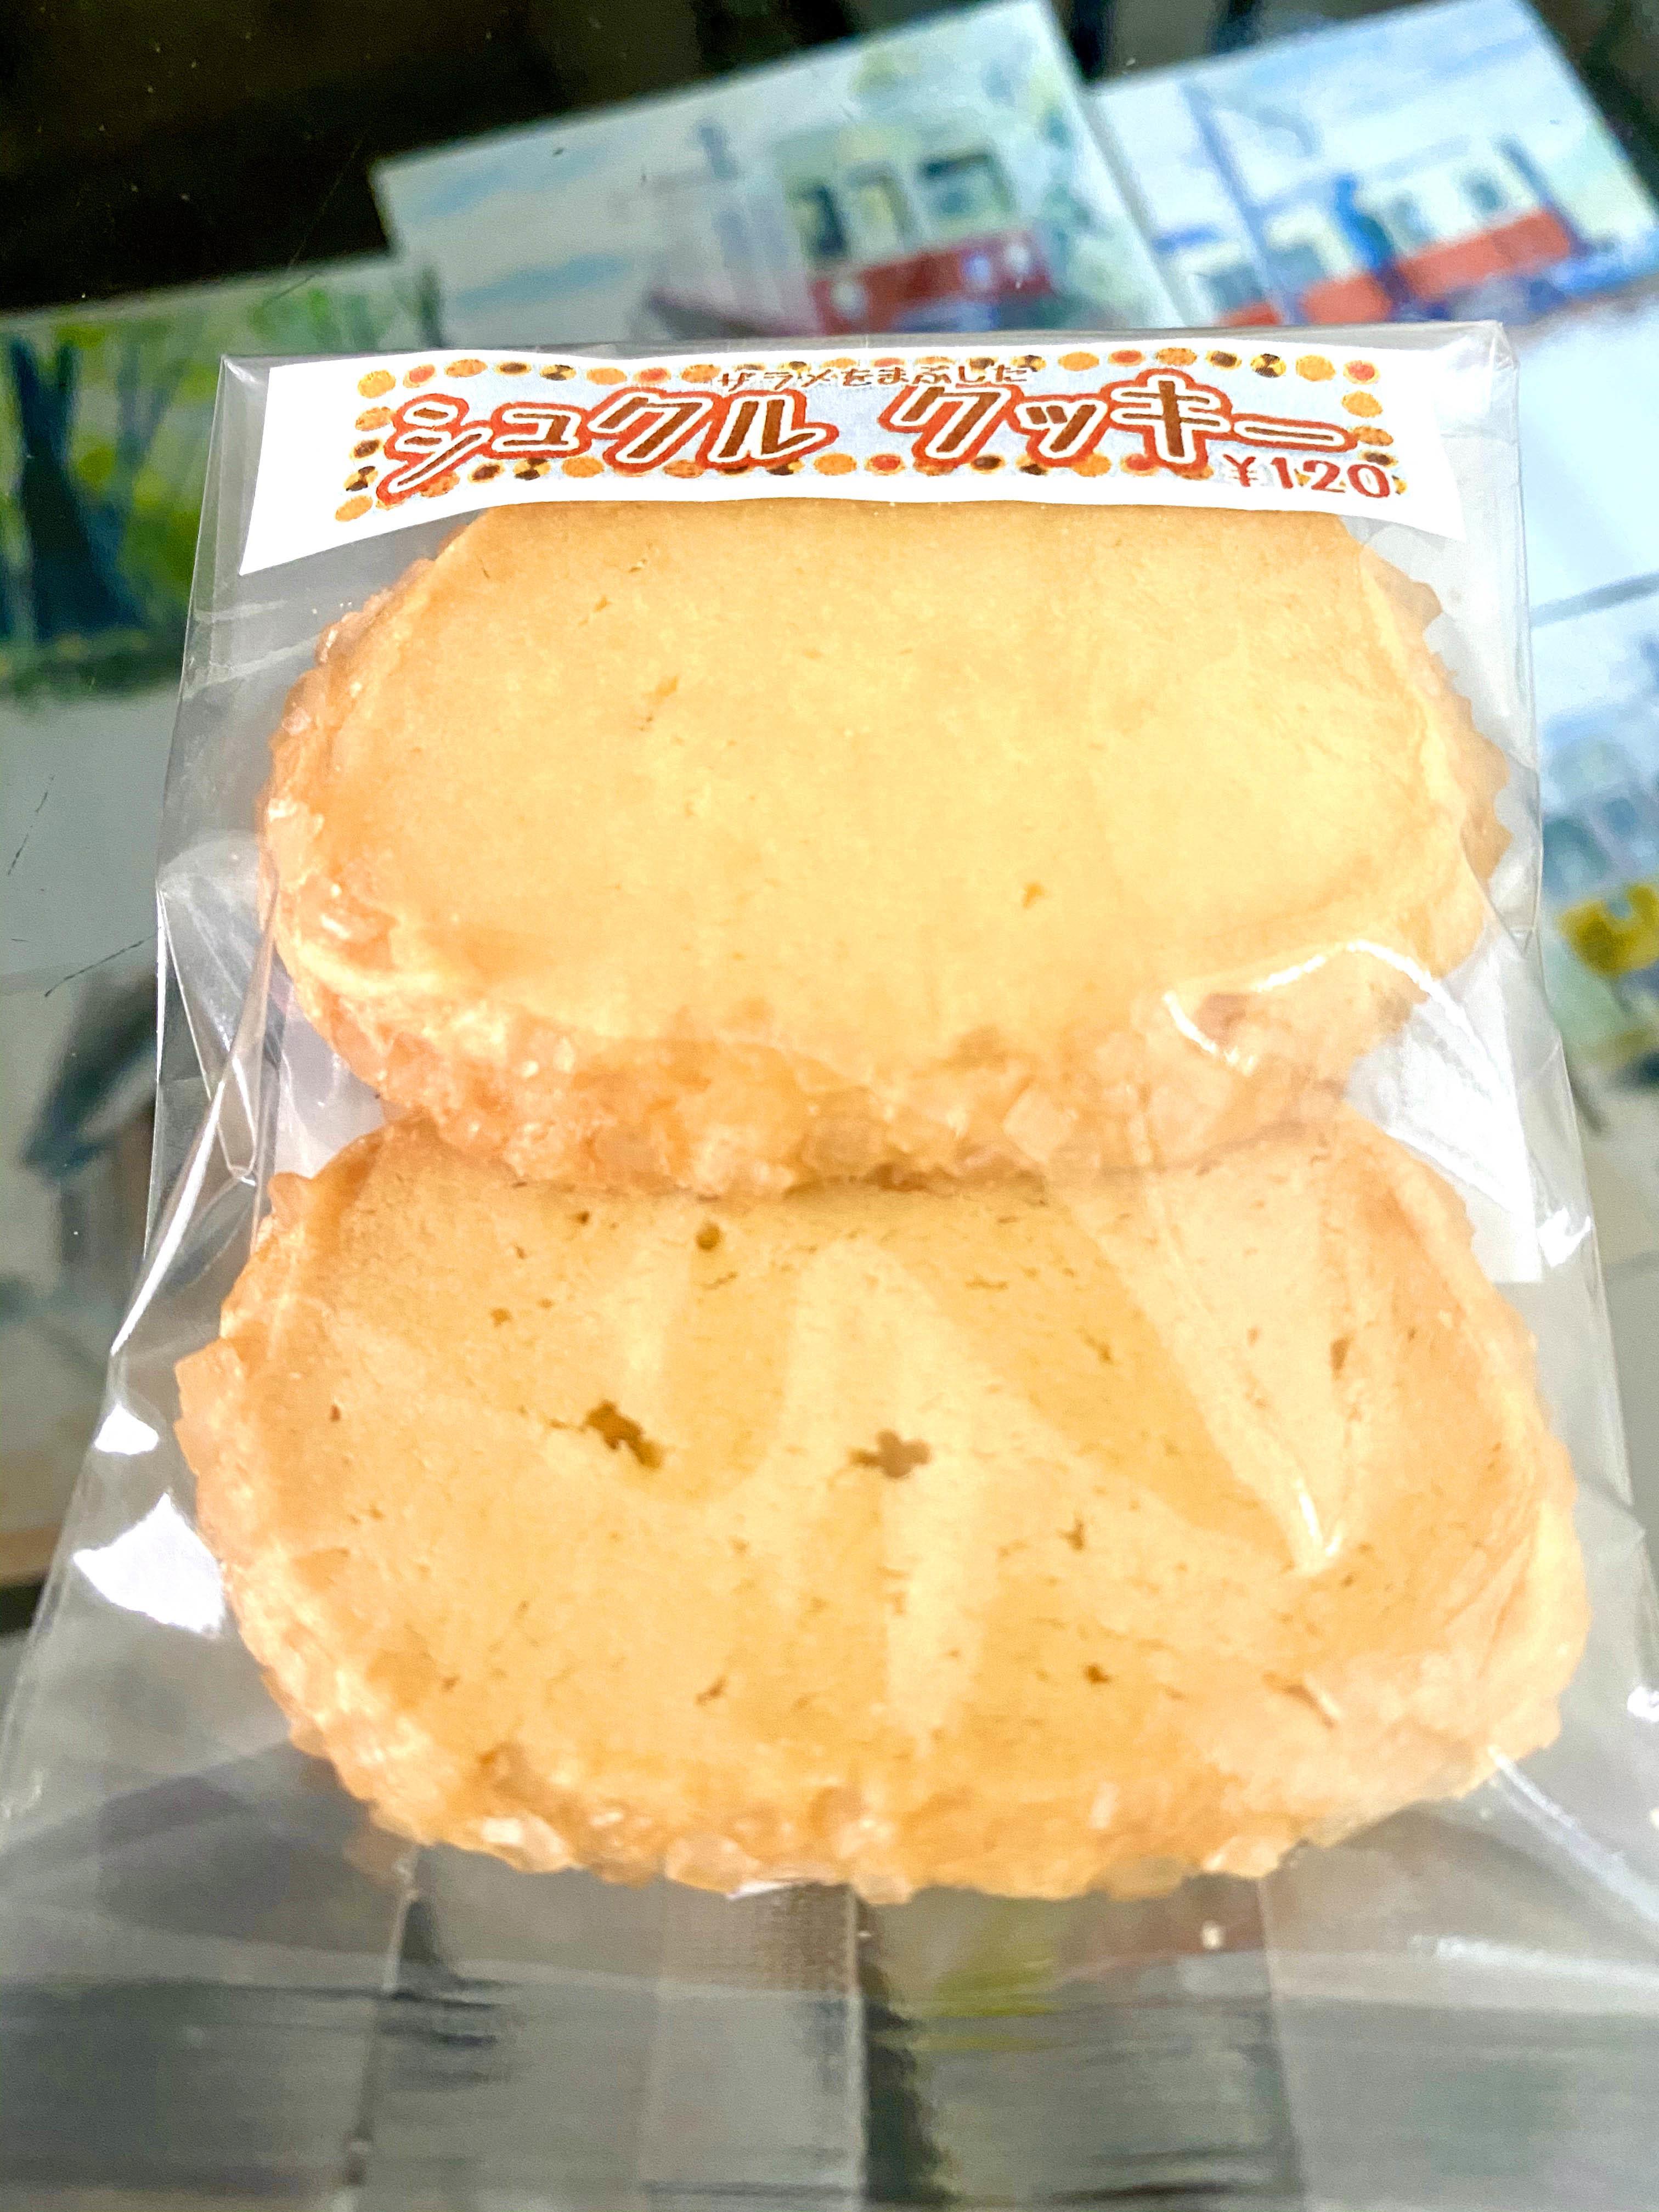 シュクルクッキー 120円